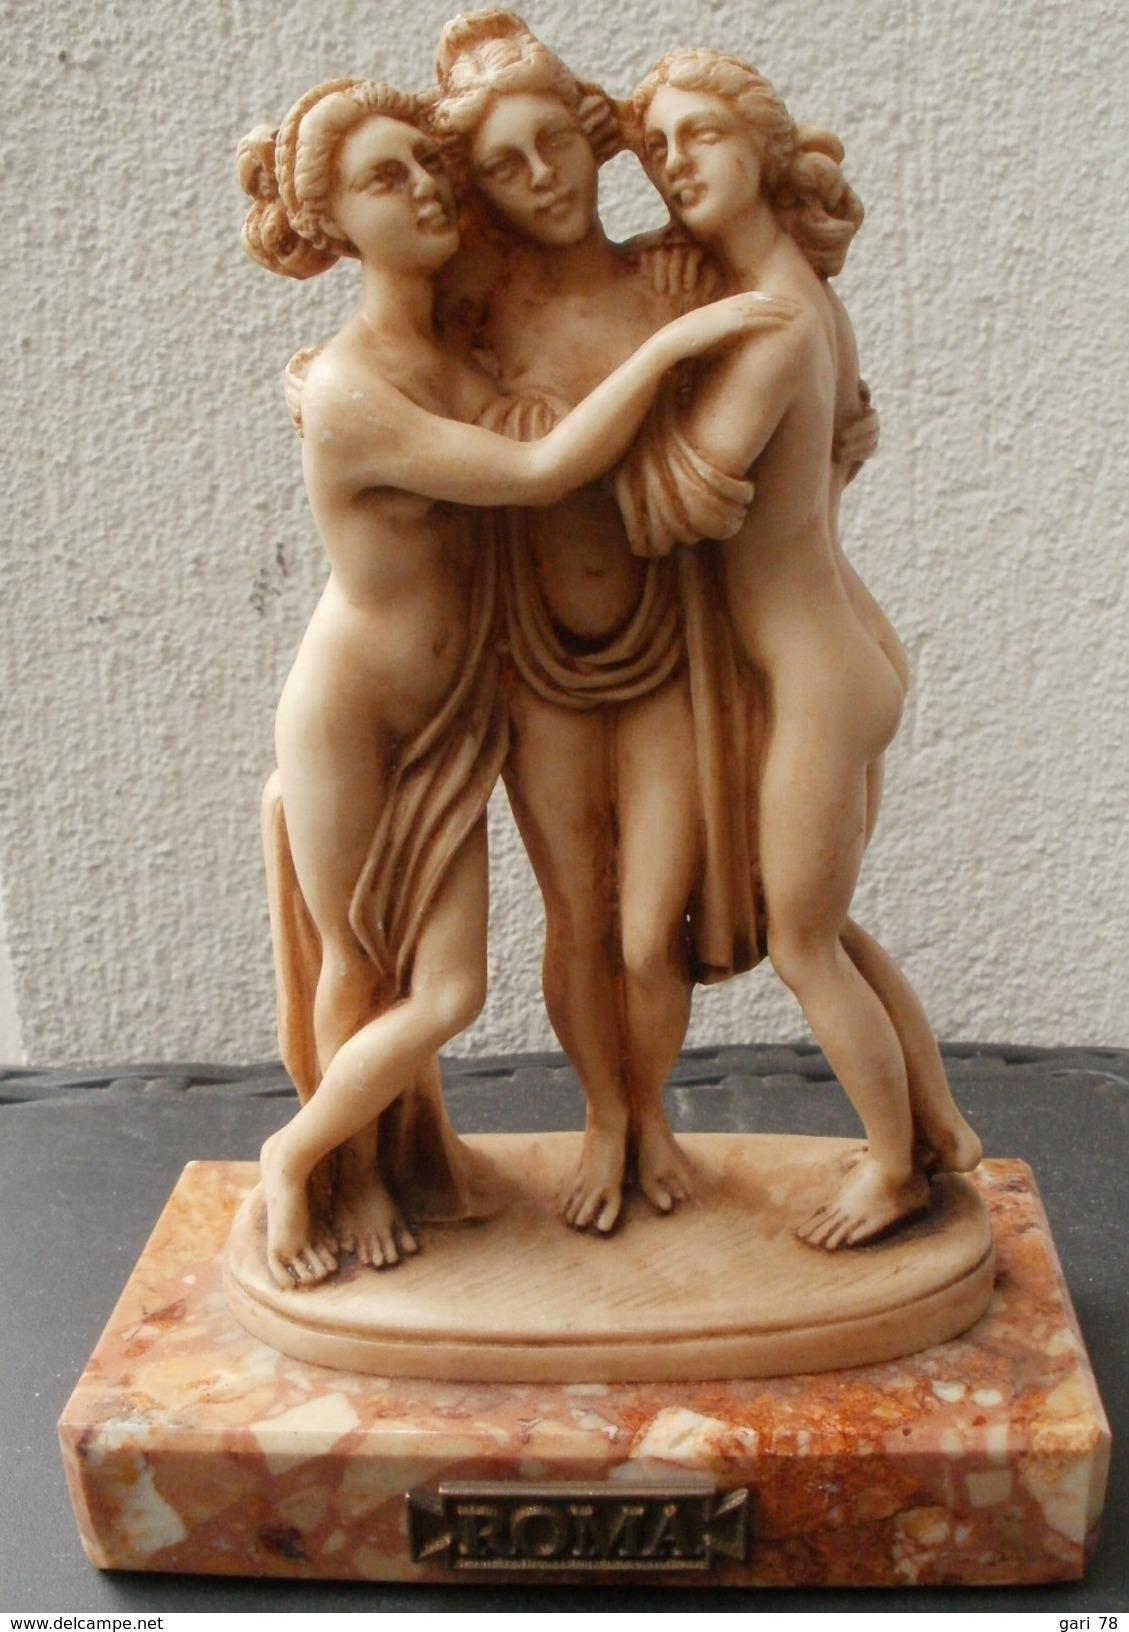 Statue / Statuette LES 3 GRACES Sur Plaque De Marbre Estampillée ROMA - Autres